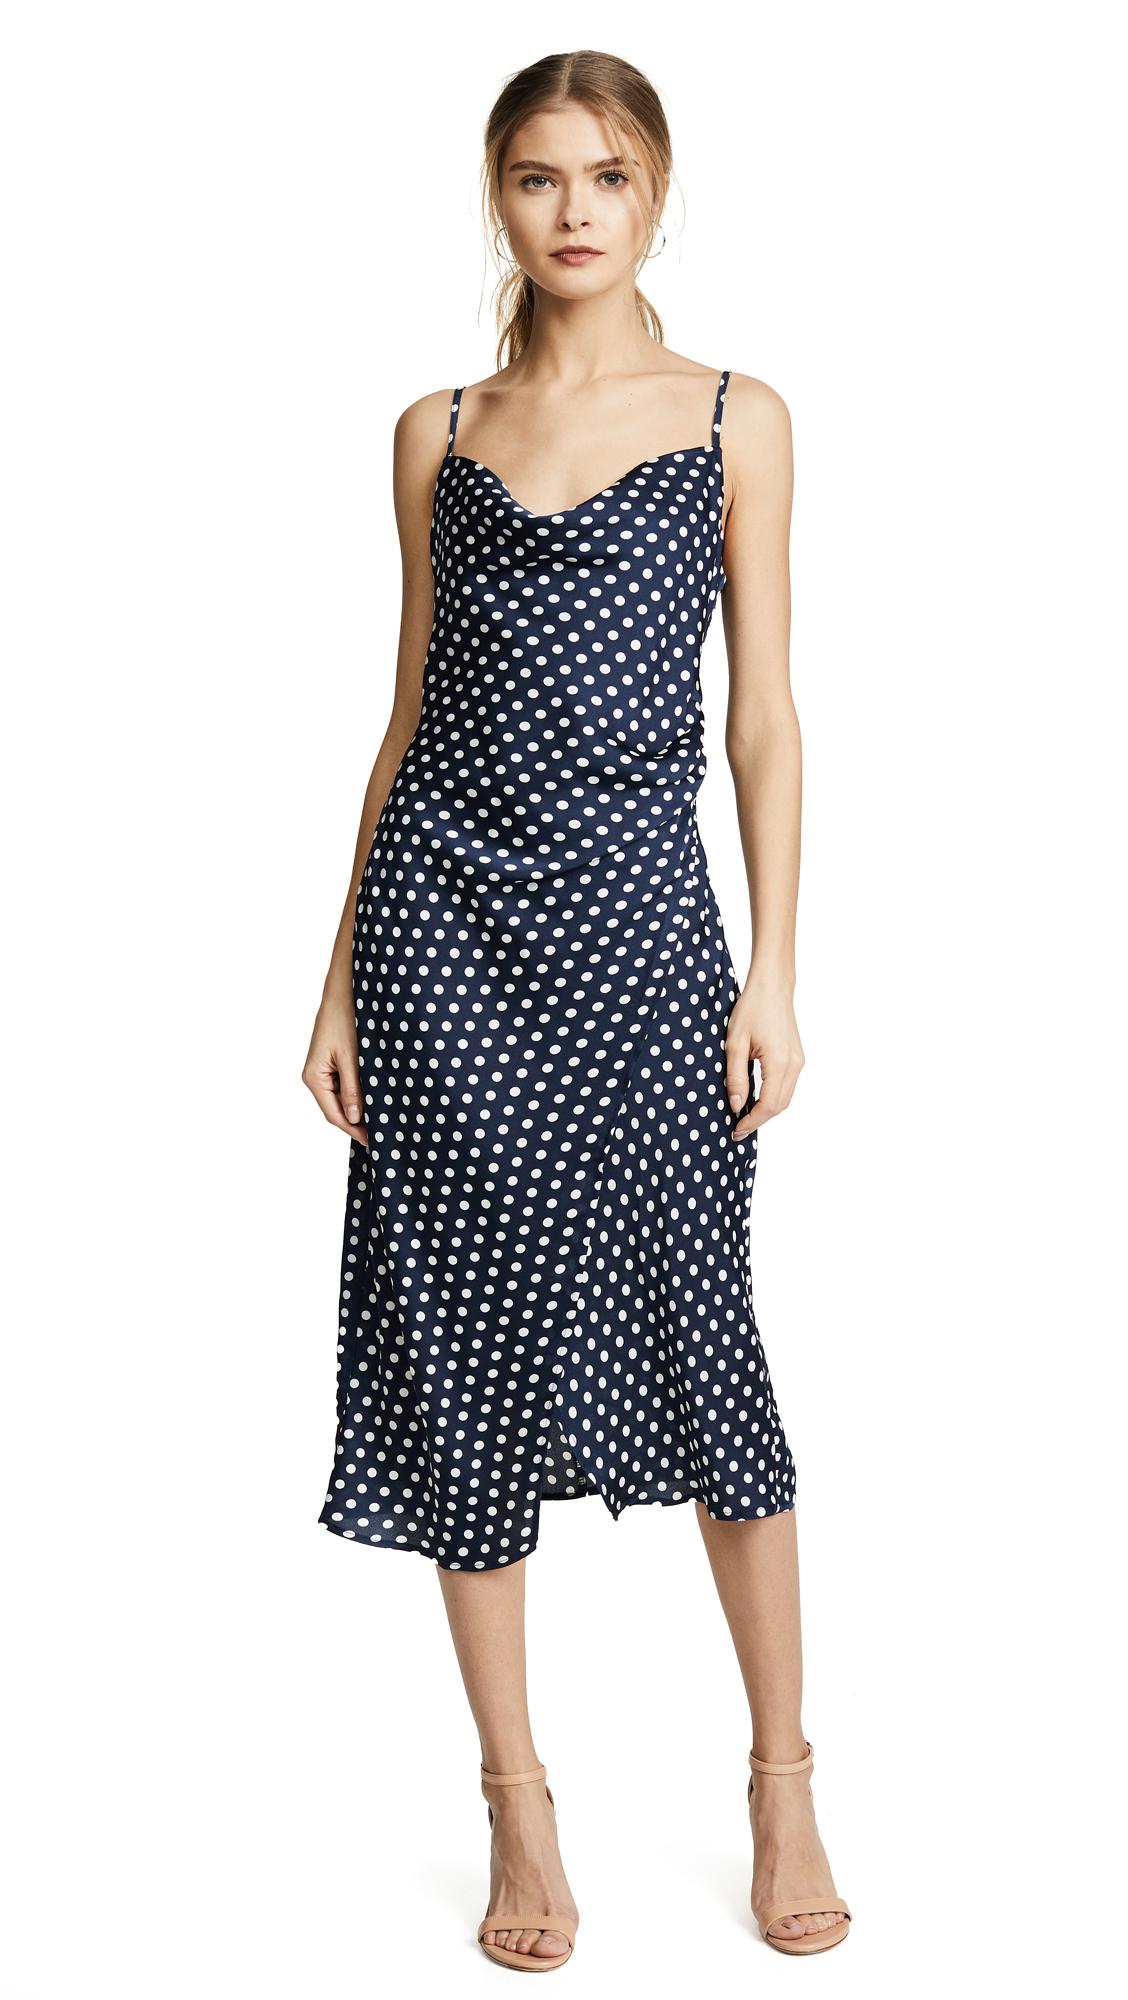 re: named Polka Dot Slip Dress - Navy/White